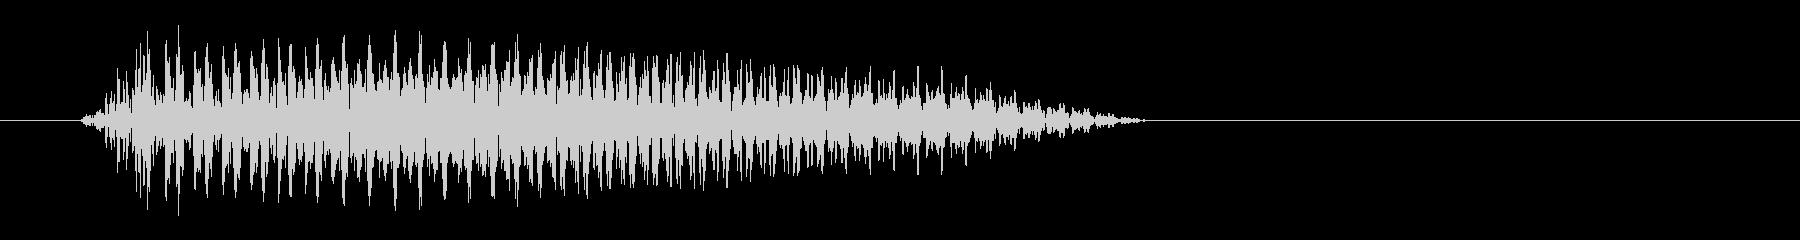 ベッ (短いビープ音)の未再生の波形